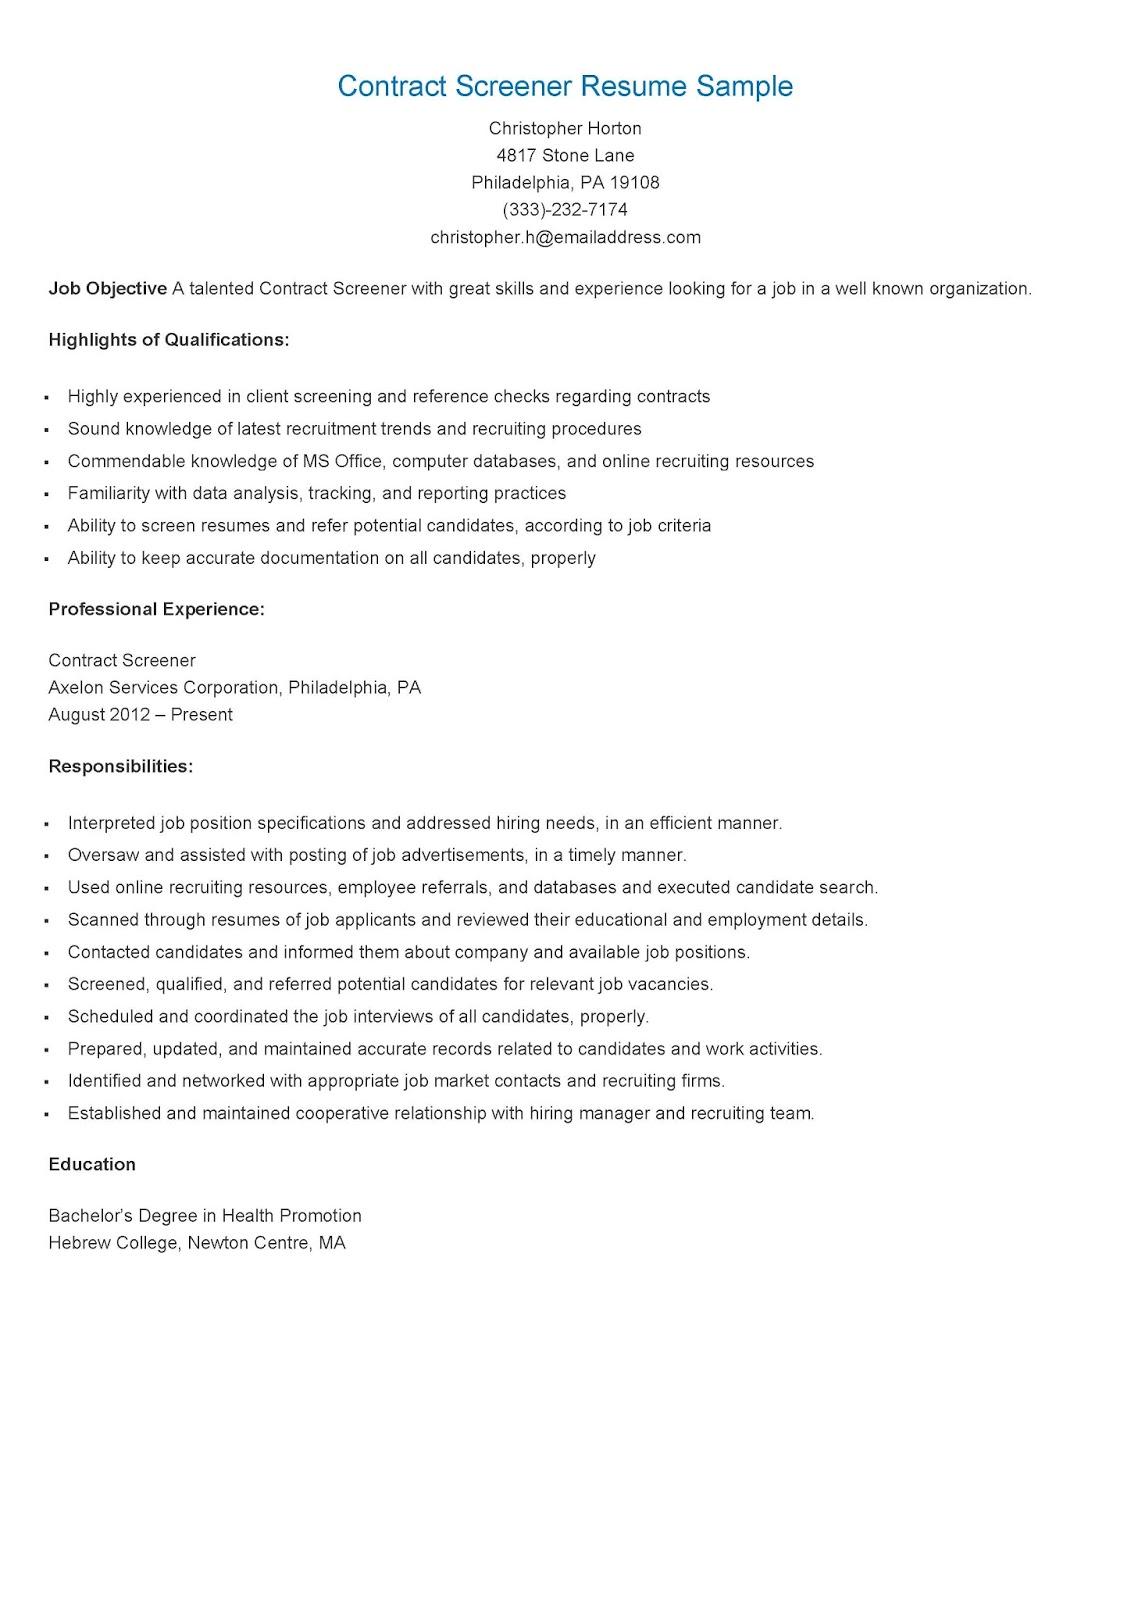 resume samples  contract screener resume sample